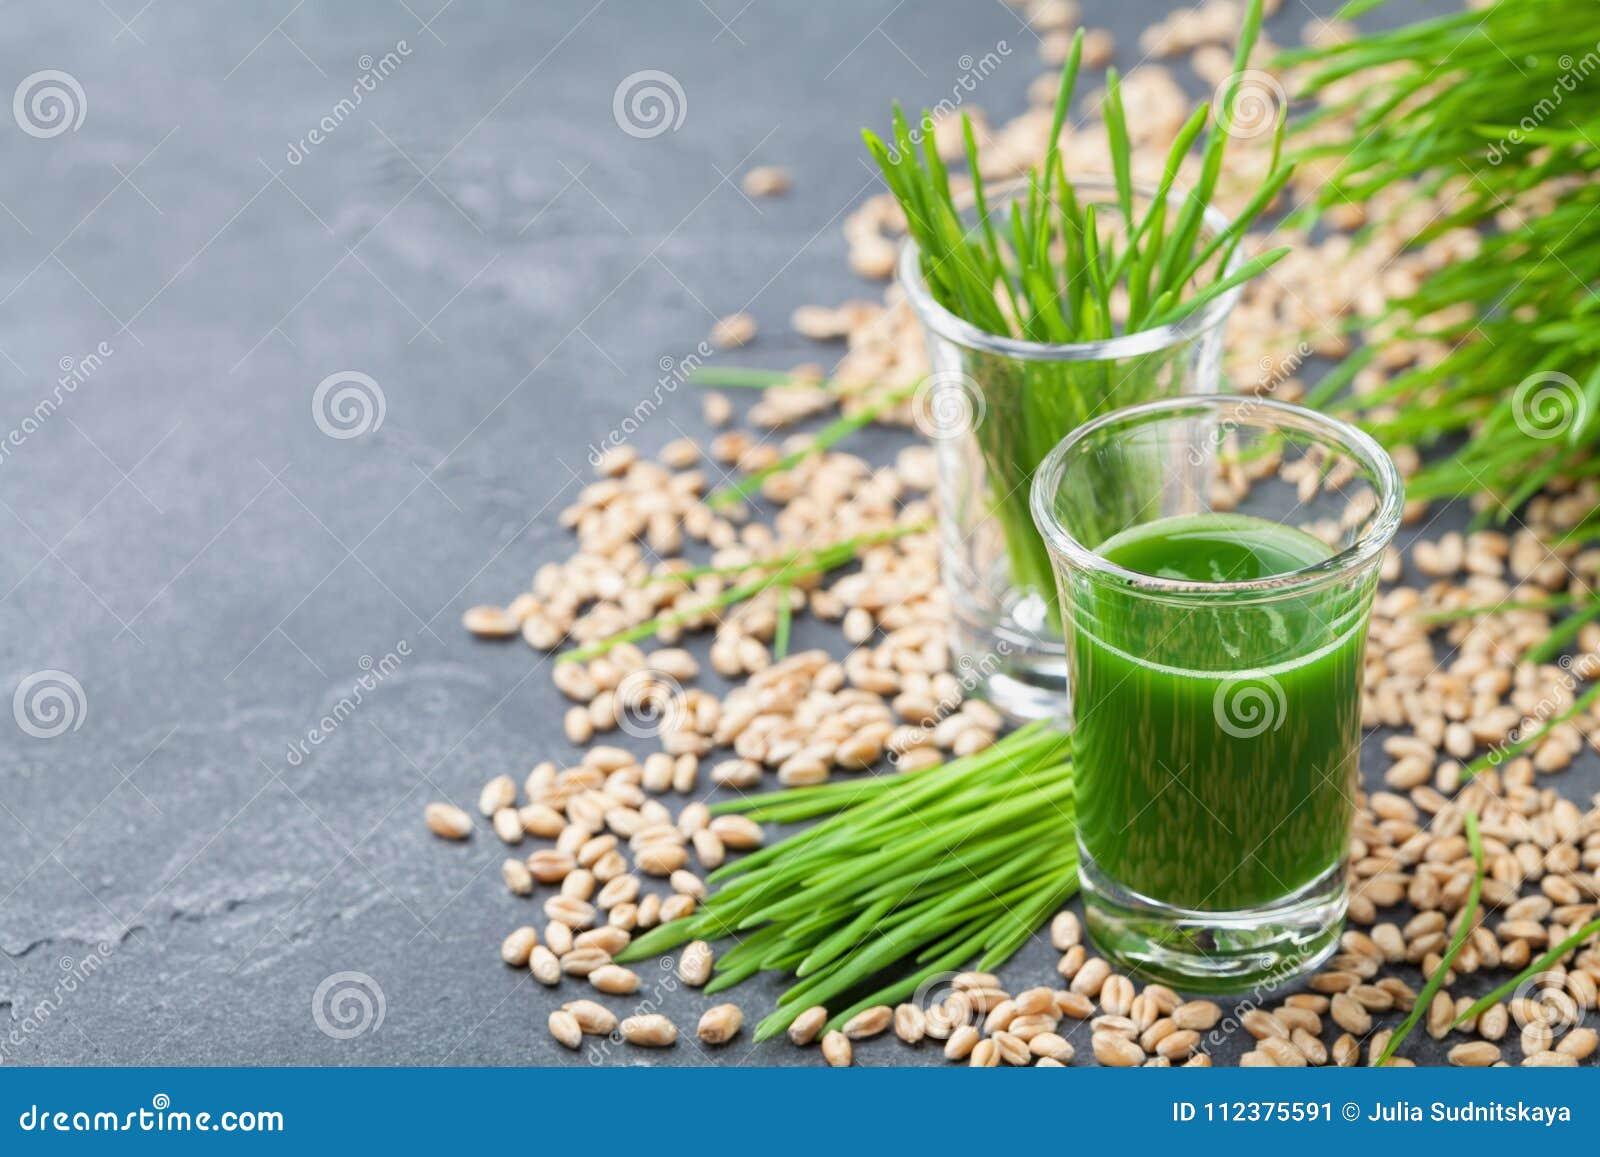 Πράσινος οργανικός χυμός χλόης σίτου Ποτό πρωινού Έννοια Superfood